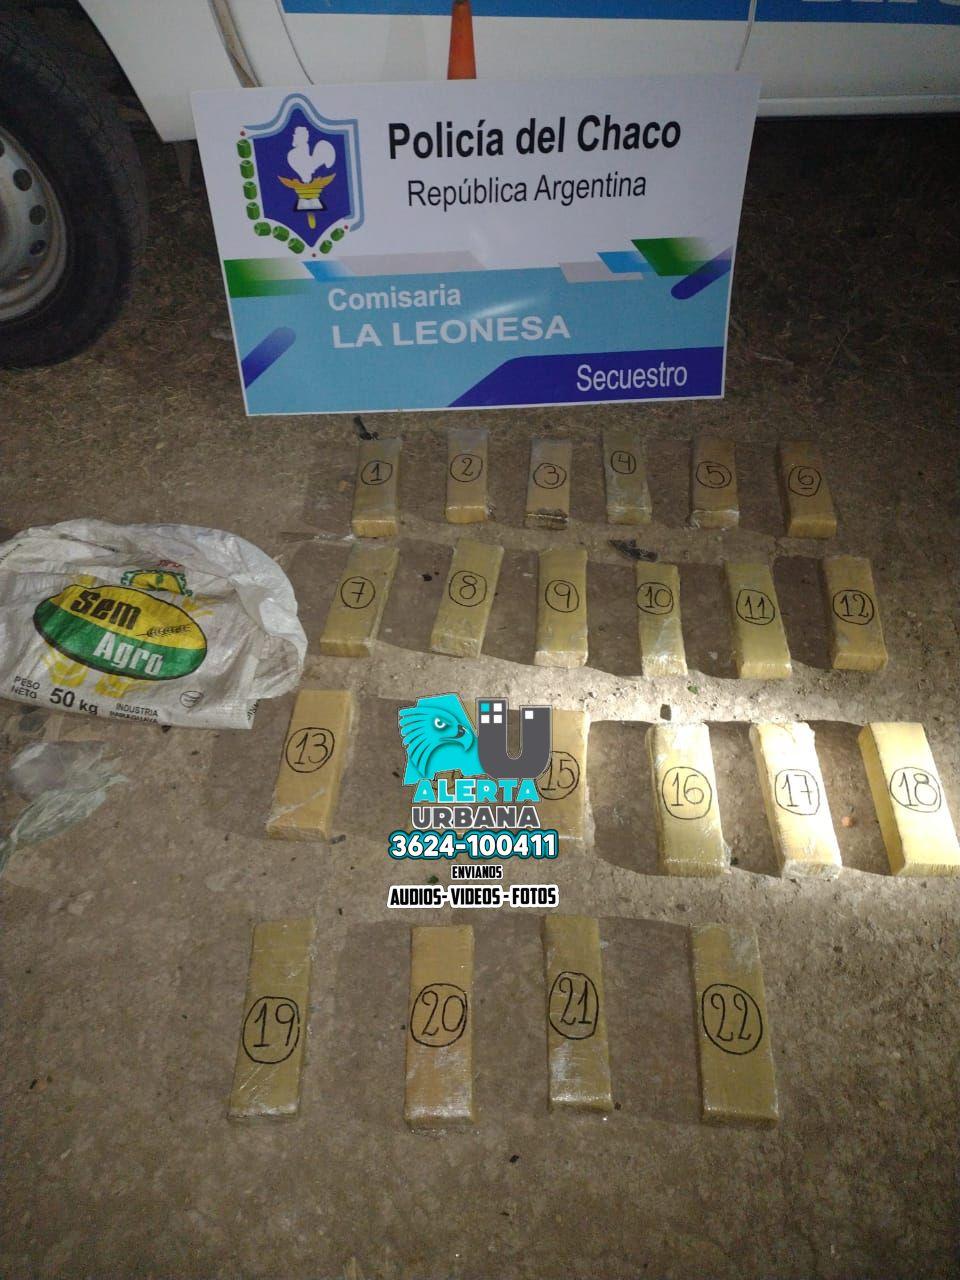 La Leonesa: sorprendidos cuando trasladaban droga